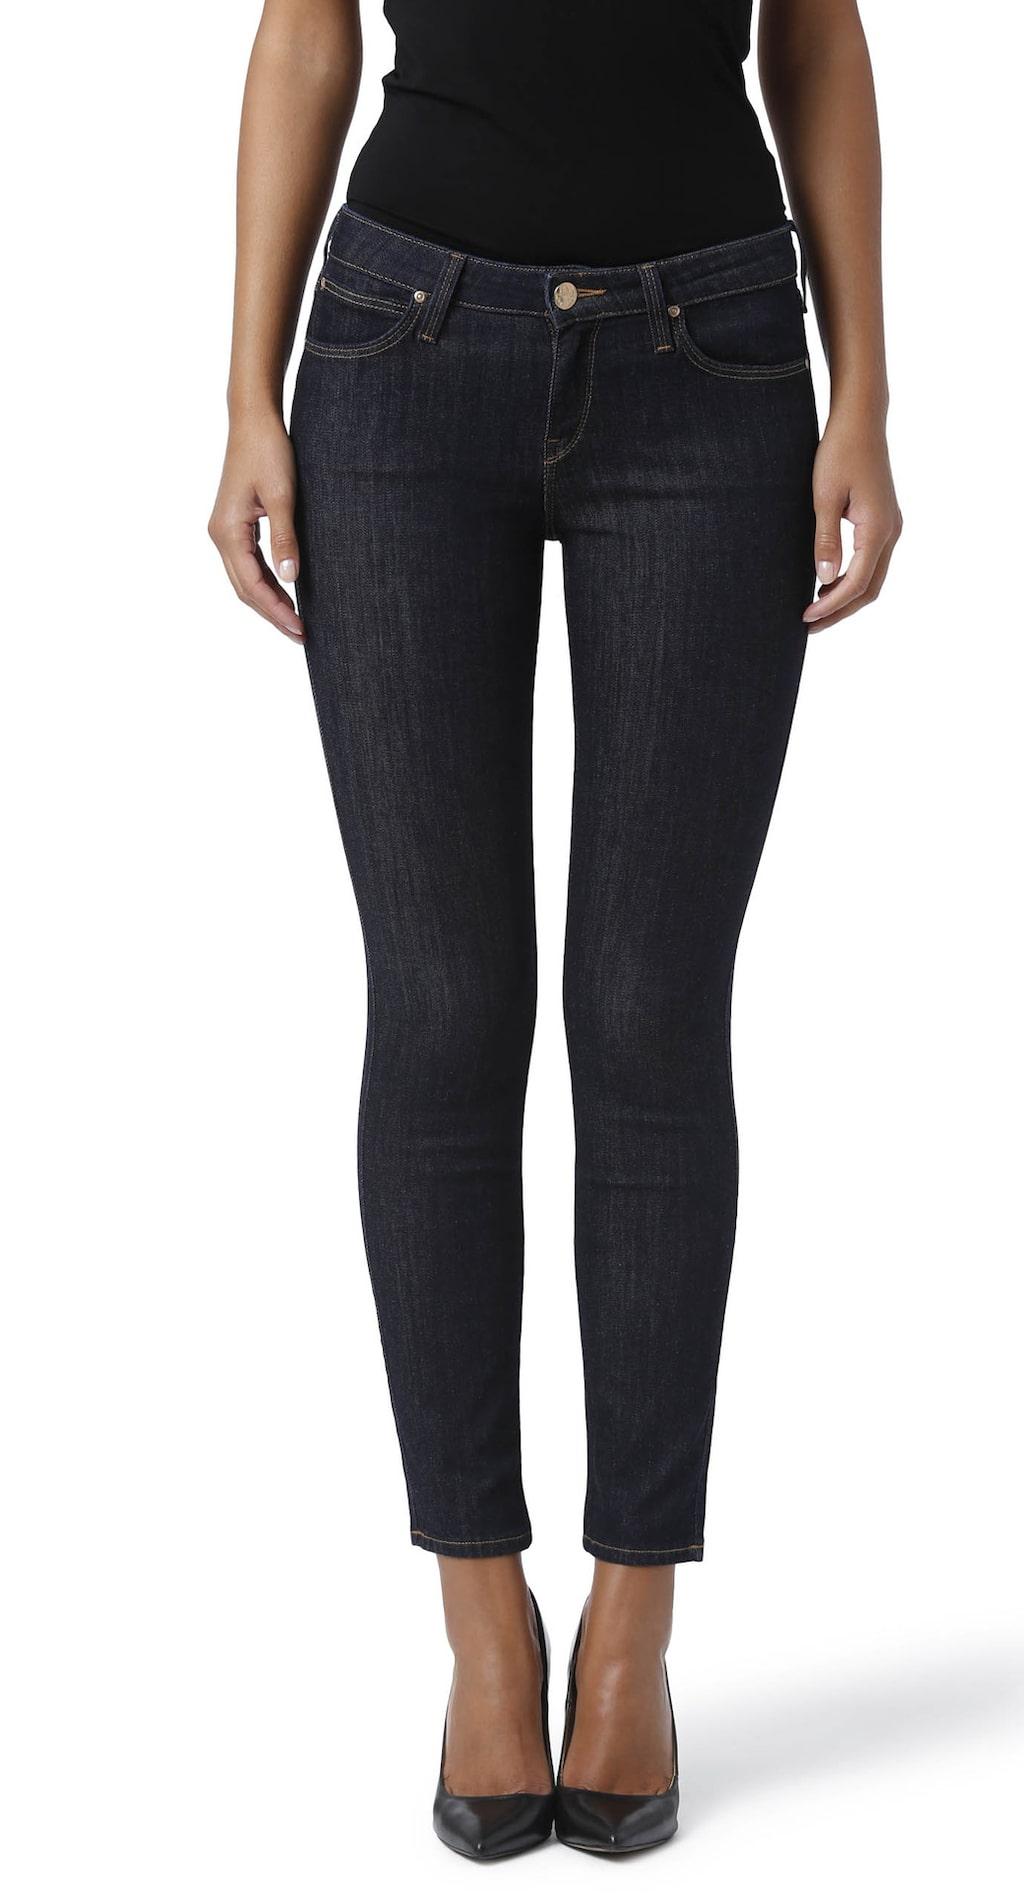 Stretchiga. Scarlett-Jeans i femficksmodell från Lee. Smal modell med normal midja och smala ben. Stretchig. Klassisk mörk tvätt, 899 kronor, MQ.